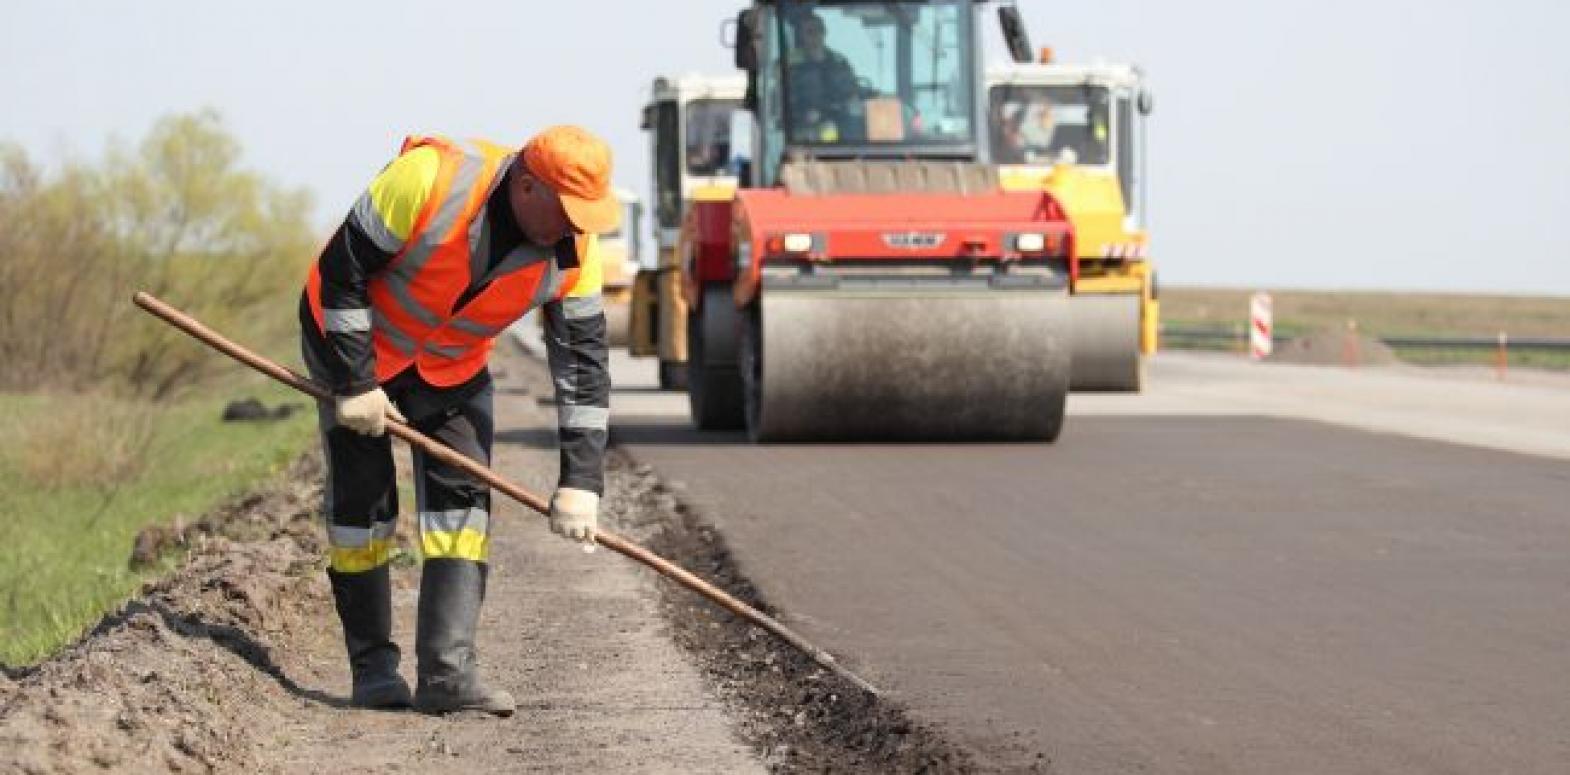 ЕБРР планирует дать кредит на реконструкцию трассы Киев-Одесса